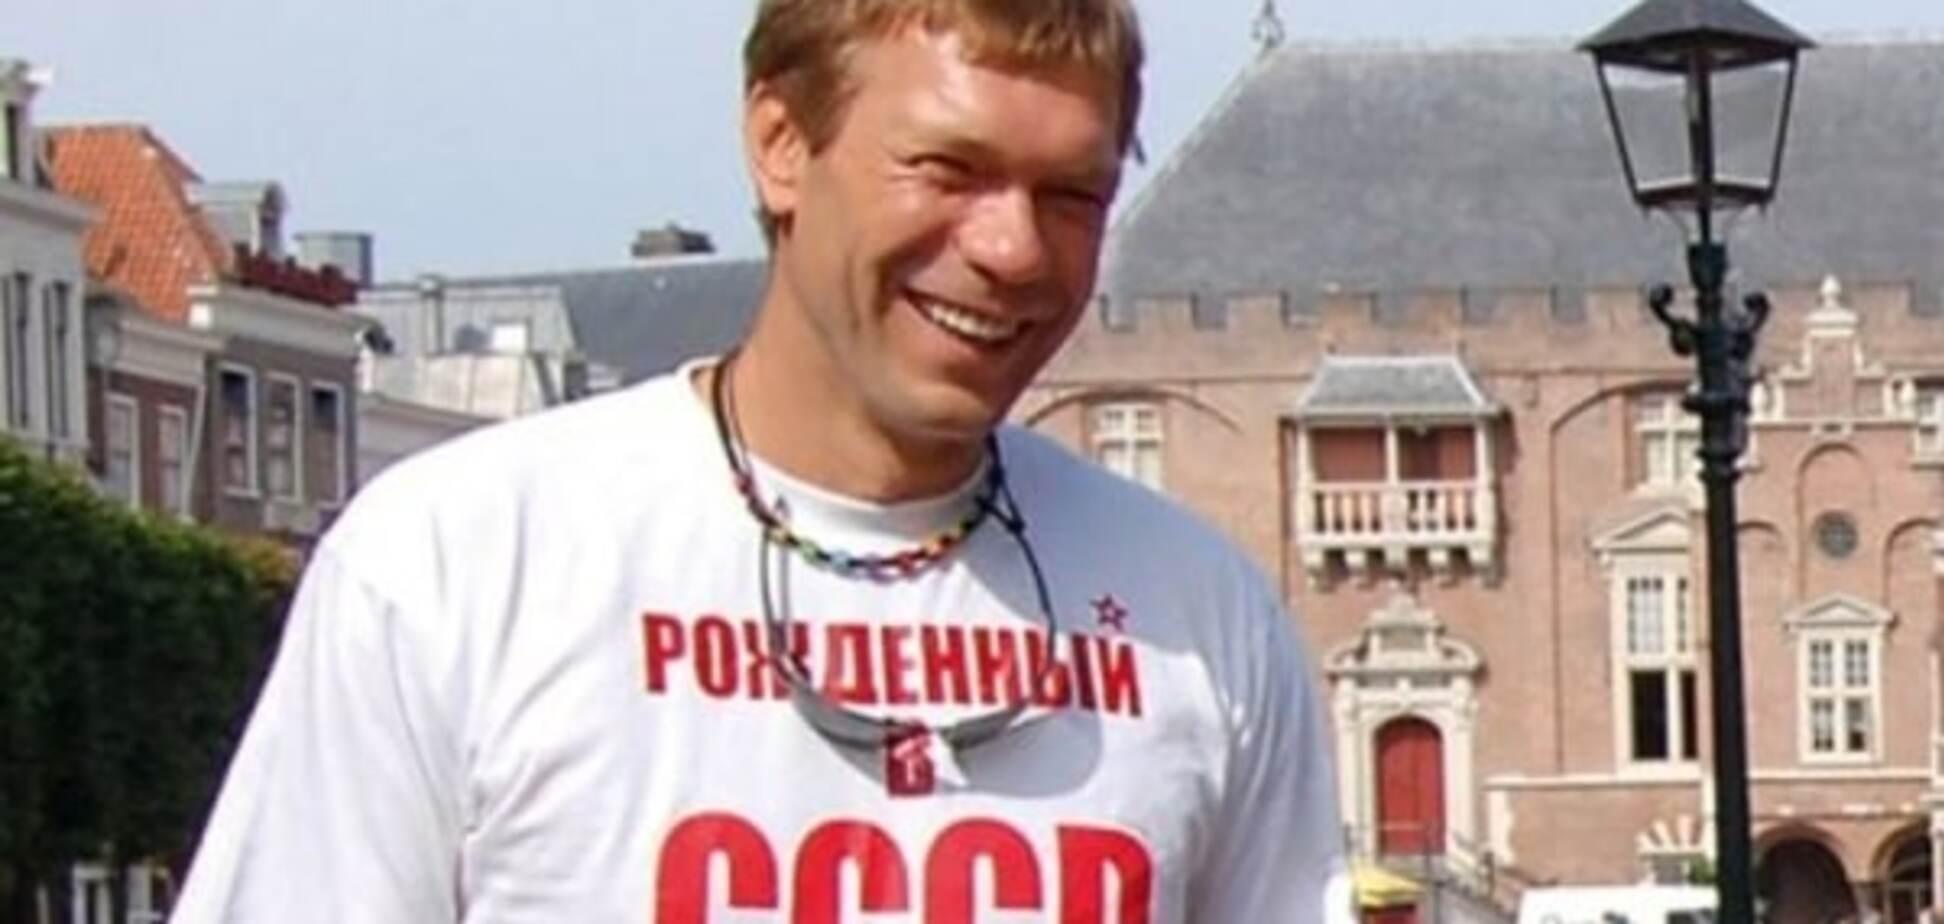 Похвалили обезьянку: Цареву в крымском 'Артеке' сделали неожиданный комплимент